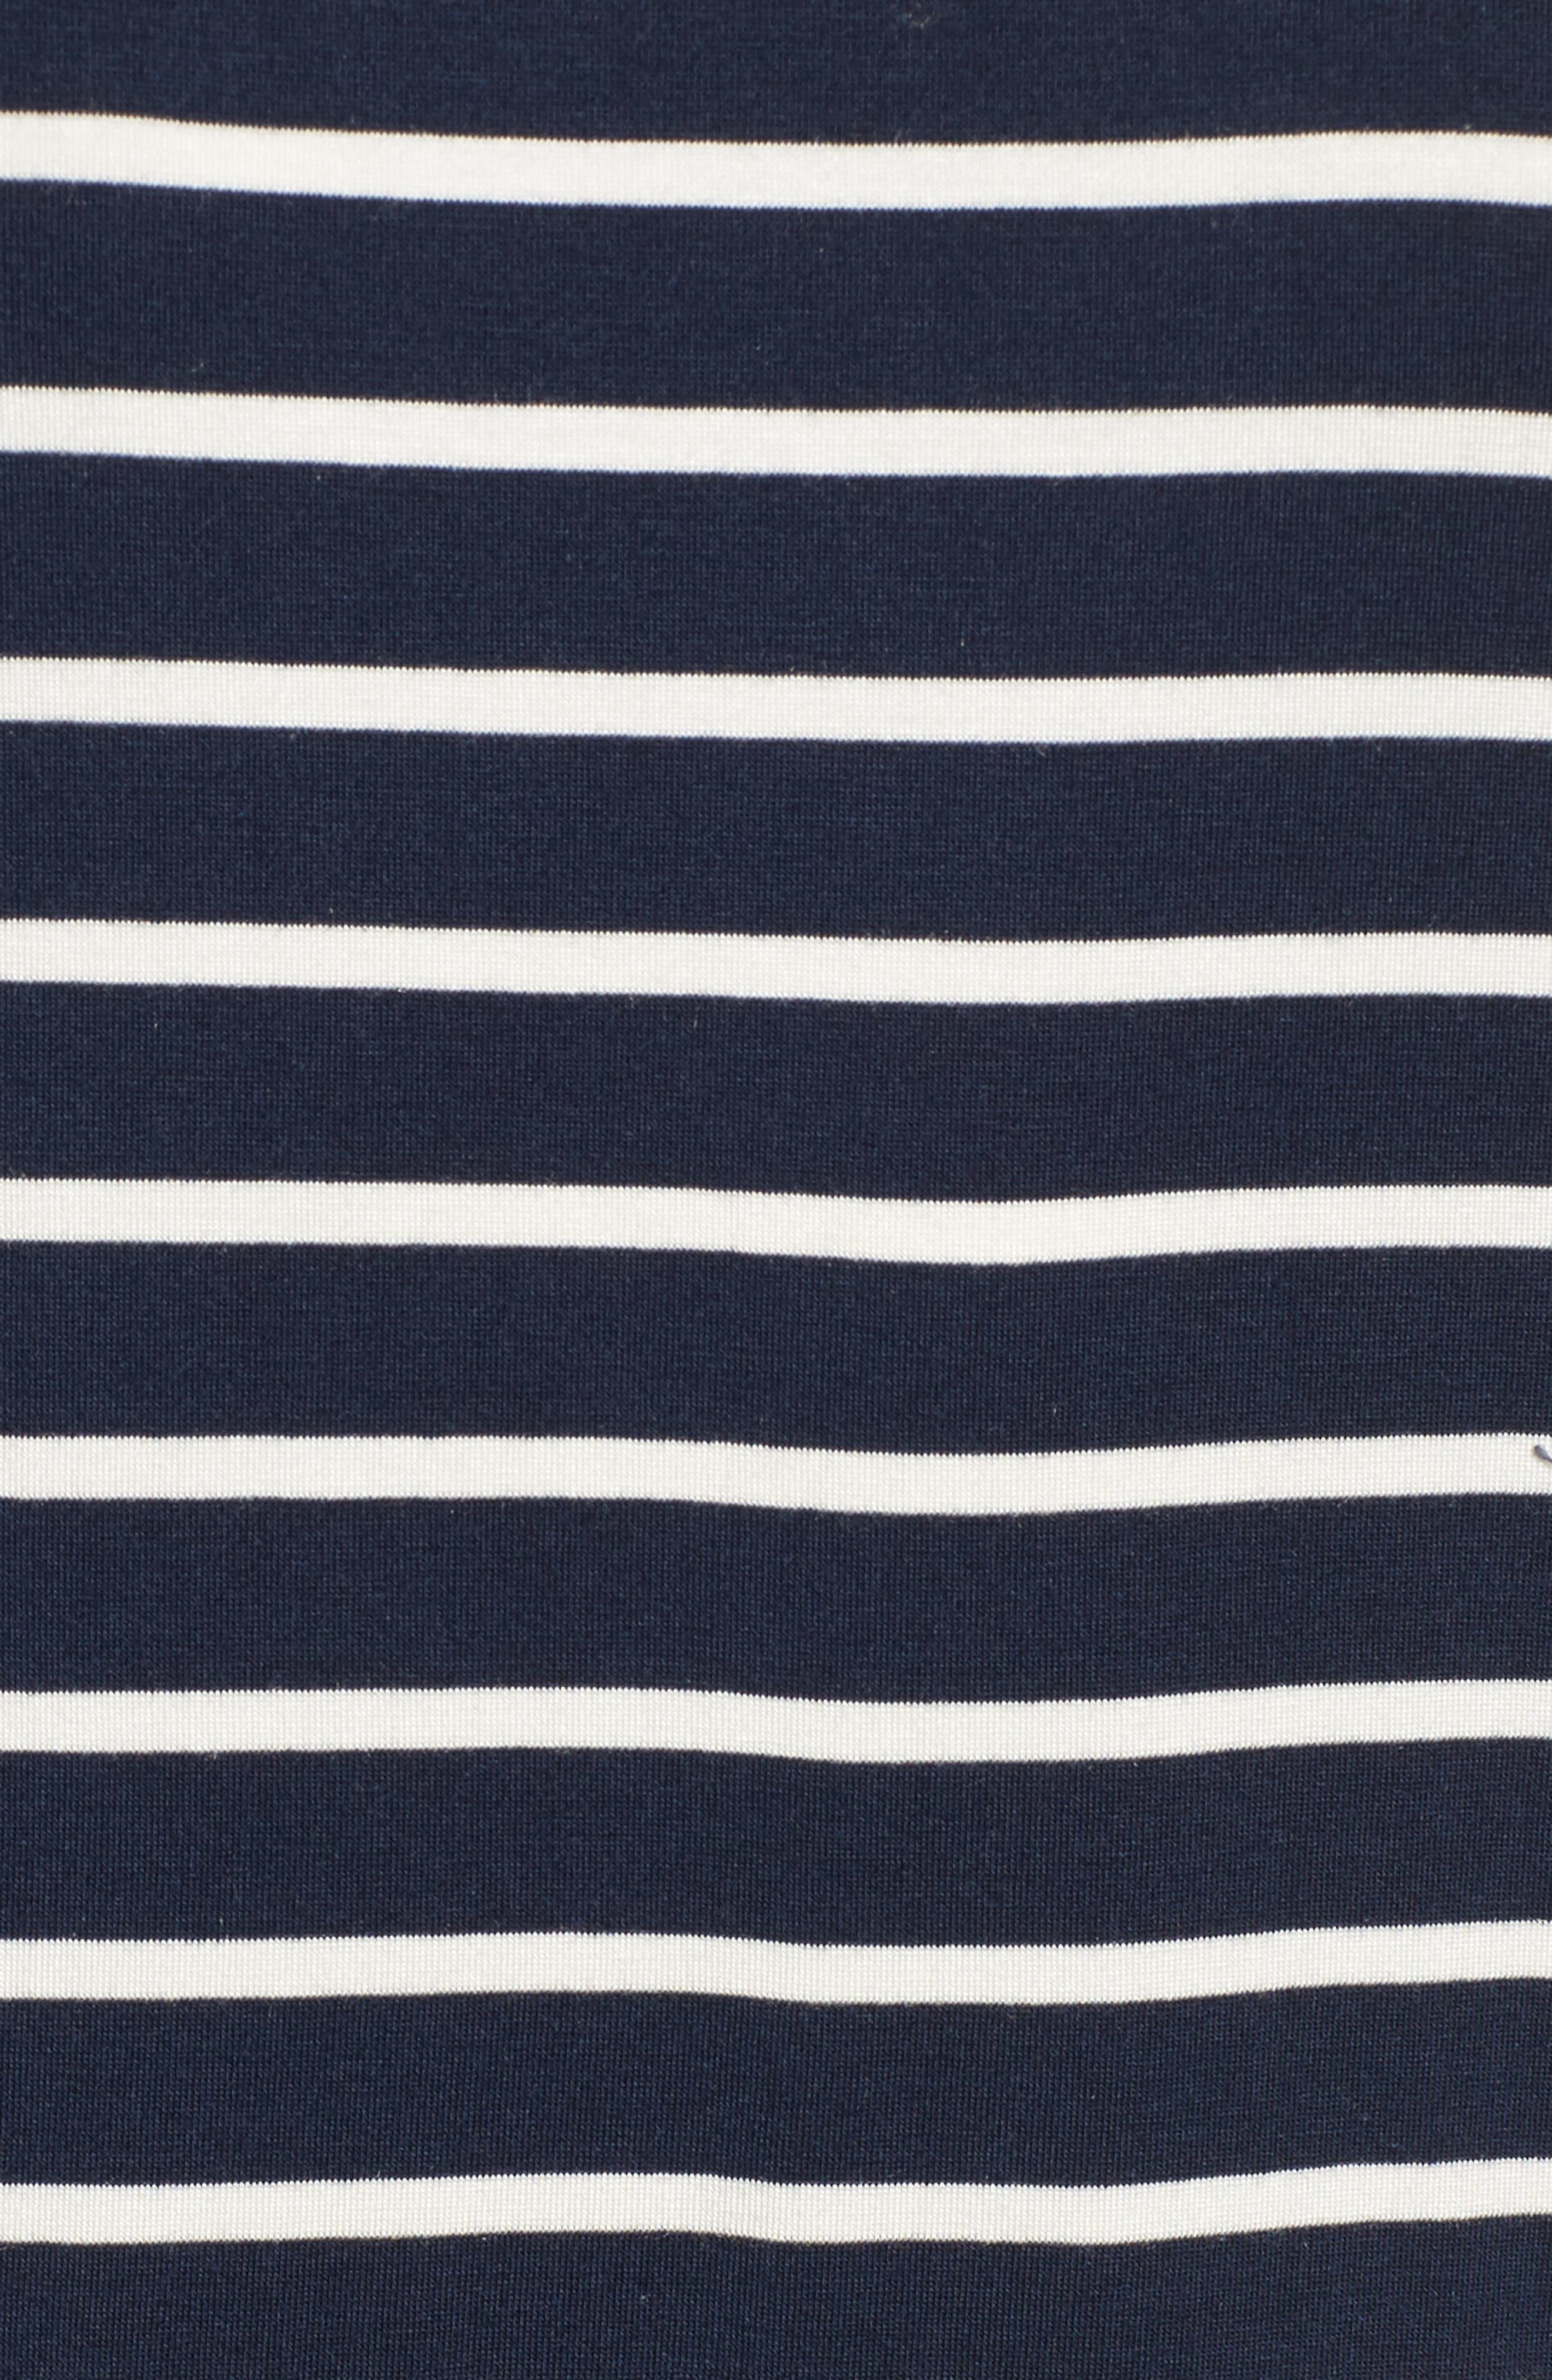 Rafaela Knit Dress,                             Alternate thumbnail 10, color,